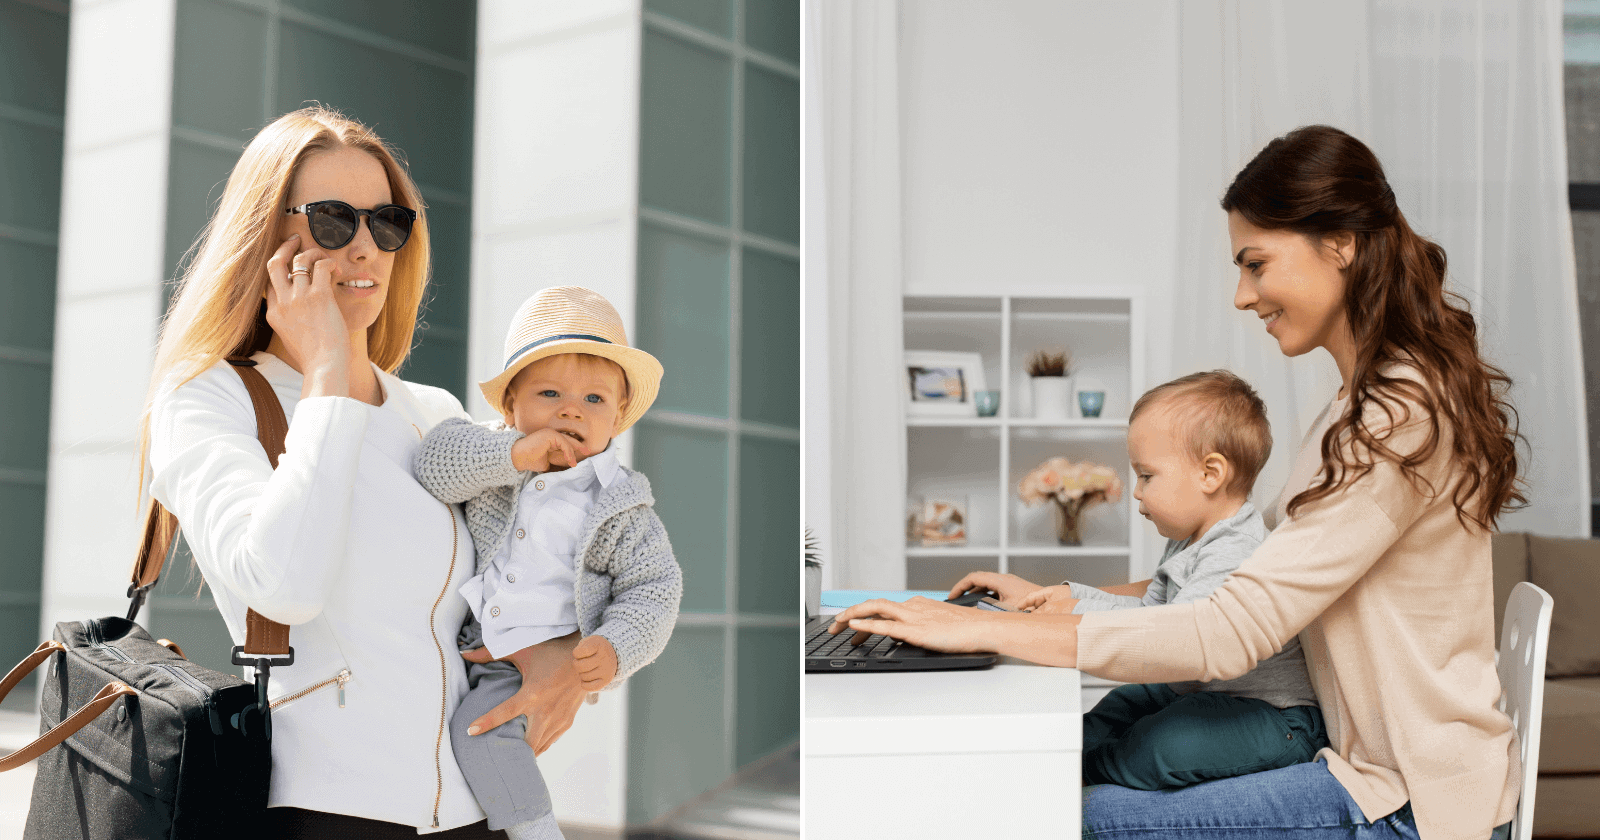 6 ideias de negócios CRIATIVOS para mães ajudarem outras mães